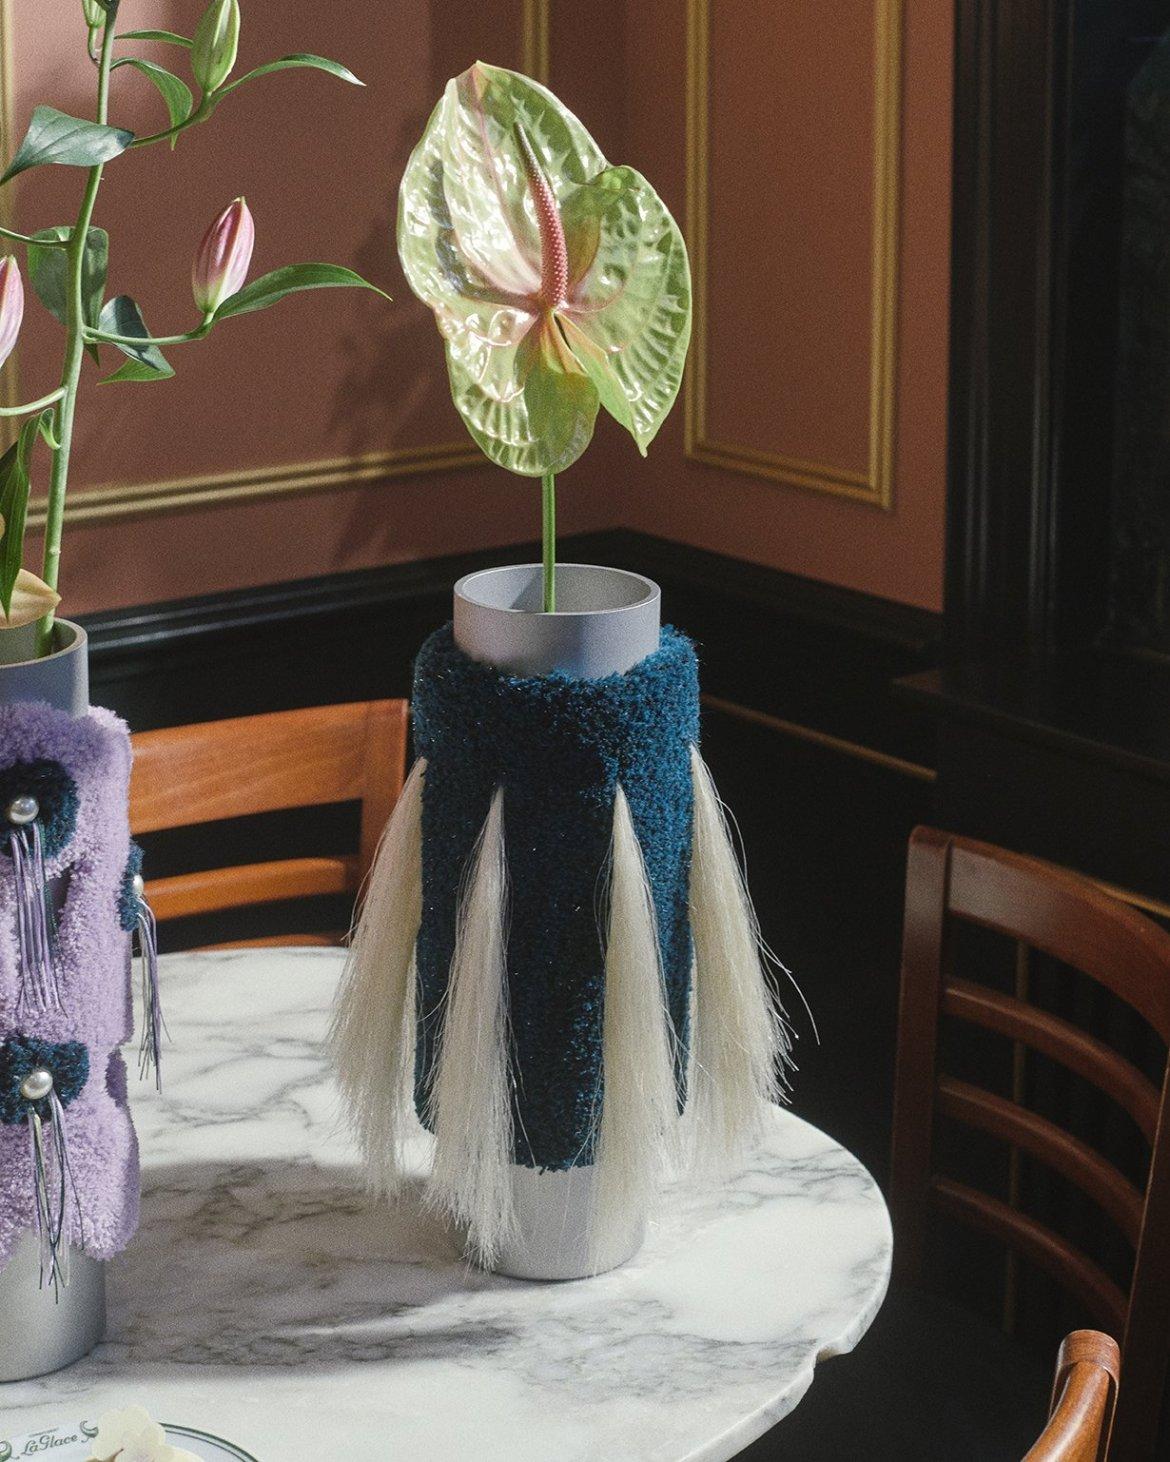 Cornucopia- A tactile, fun and striking vase collection